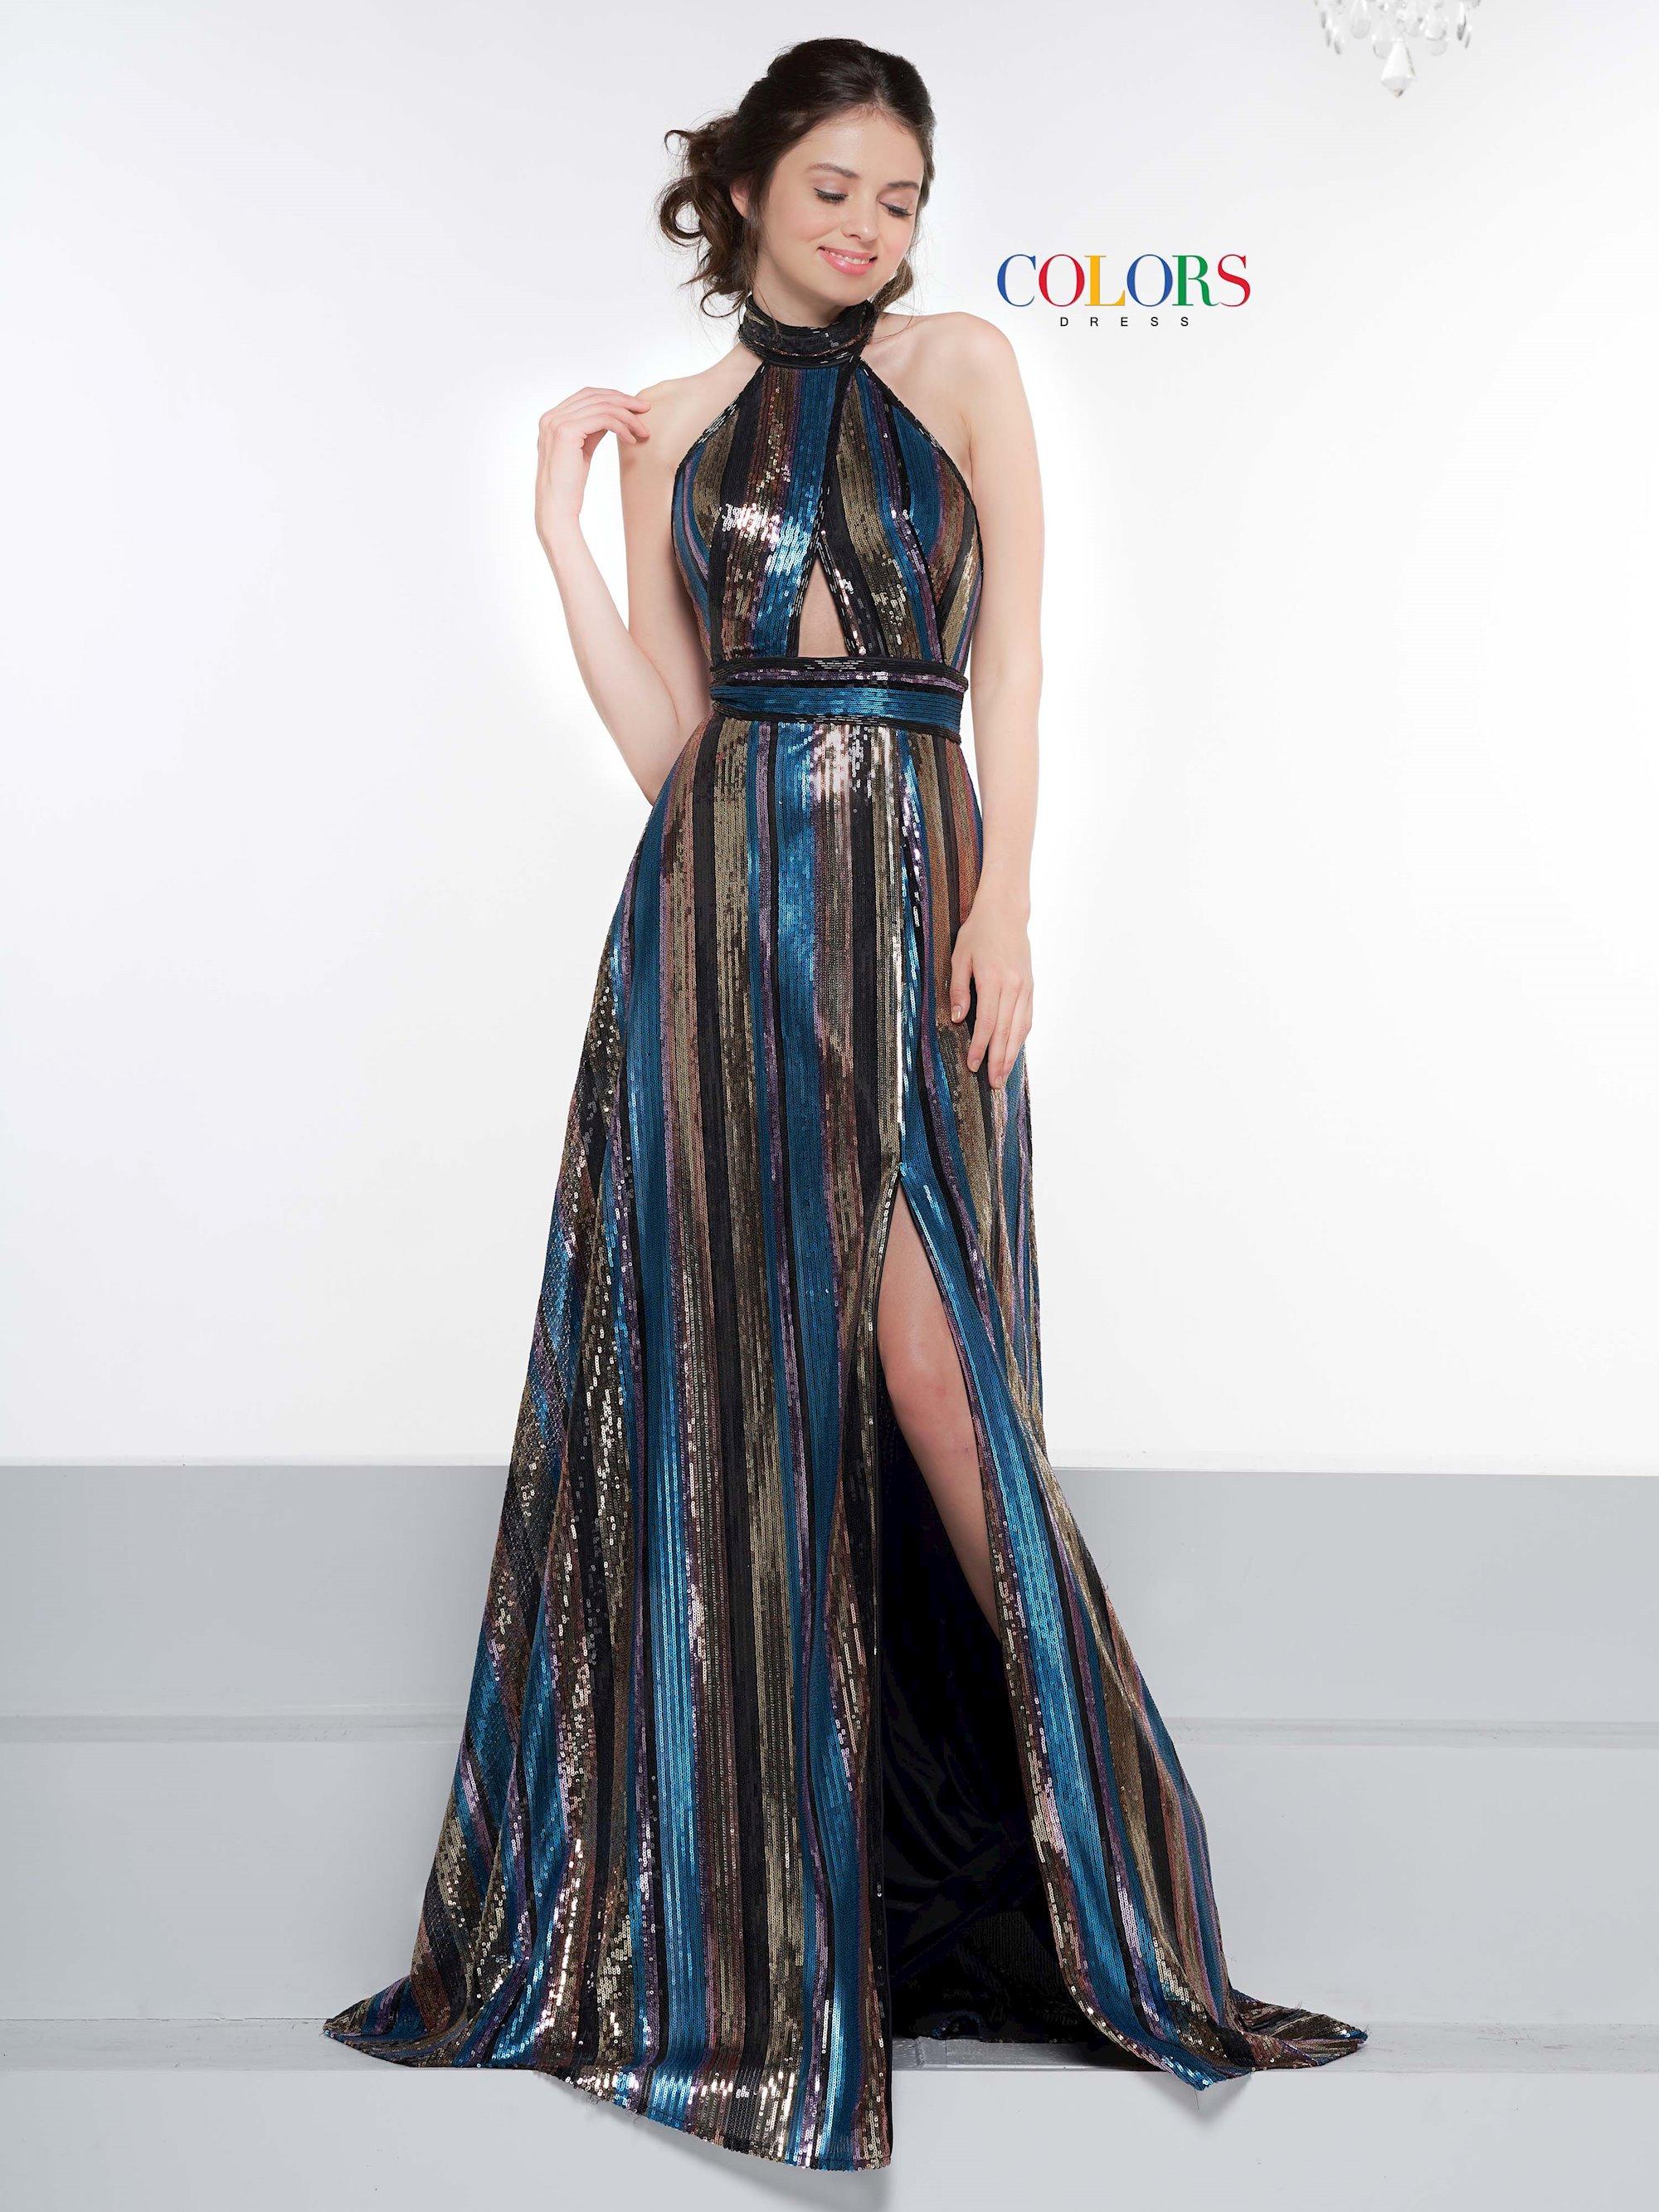 047fc92b5f Colors Dress - 2060